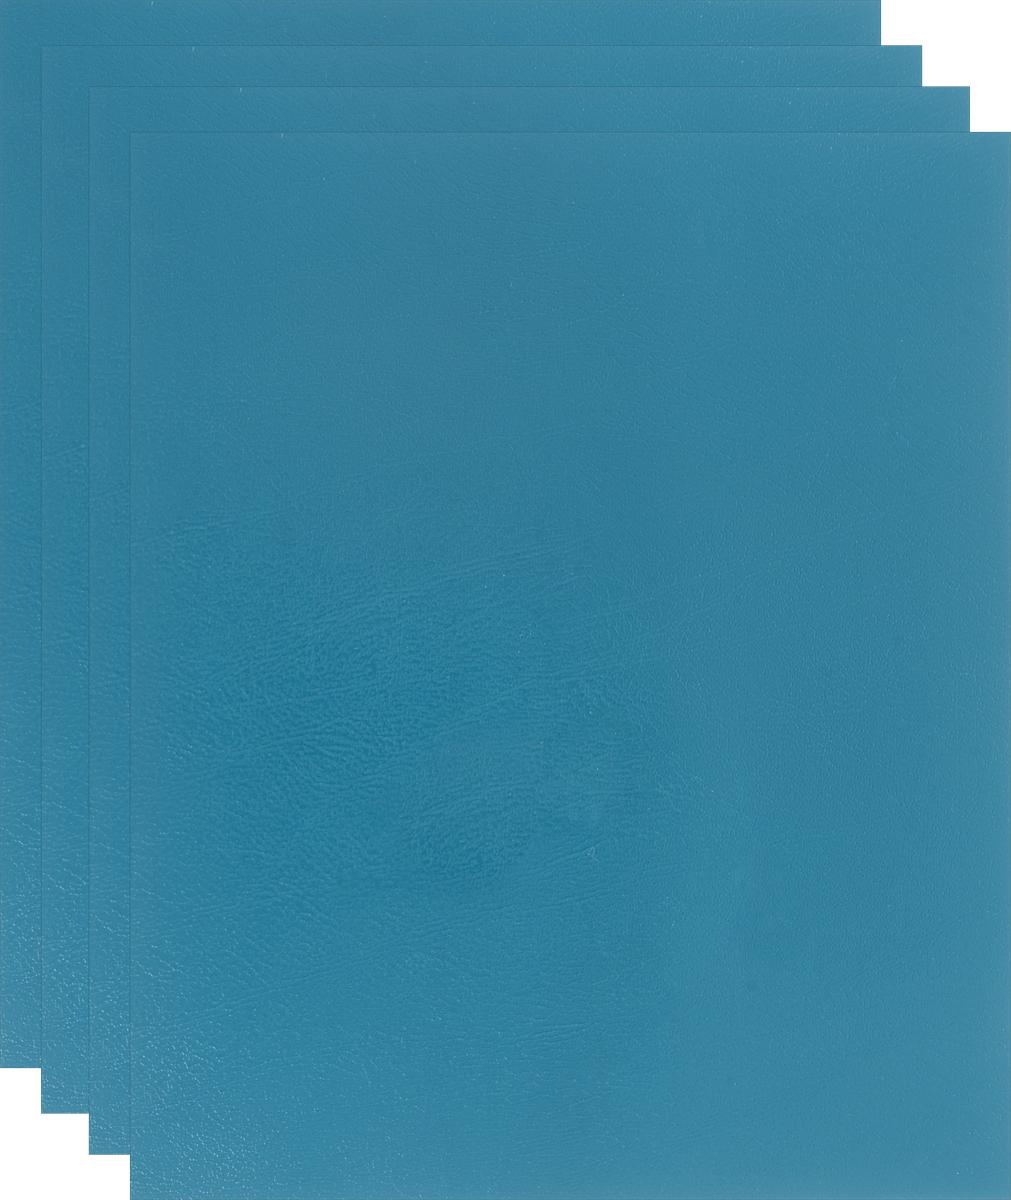 Action! Набор тетрадей Sponsor 48 листов в клетку цвет зеленый 4 штSN-48-5/5_зеленыйКомплект тетрадей Action! Sponsor включает в себя 4 тетради.Обложка каждой тетради изготовлена из бумвинила. Внутренний блок состоит из 48 листов белой бумаги, соединенных скрепками. Стандартная линовка в голубую клетку дополнена полями, совпадающими с лицевой и оборотной стороны листа.